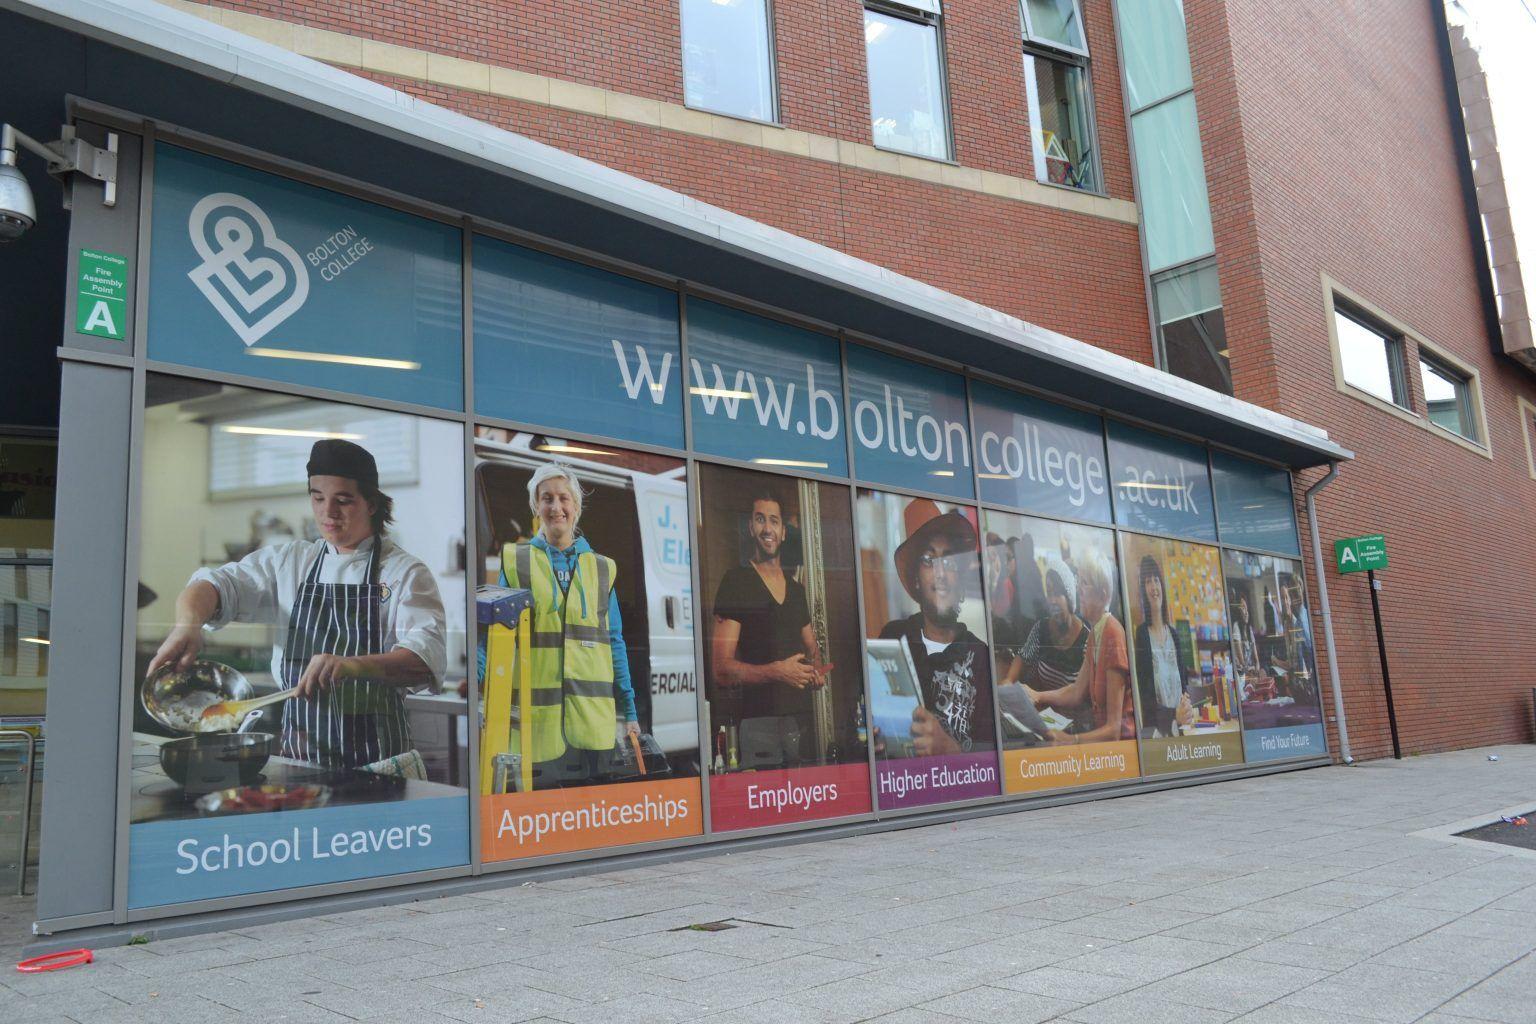 Bolton College Full colour printed contravision graphics